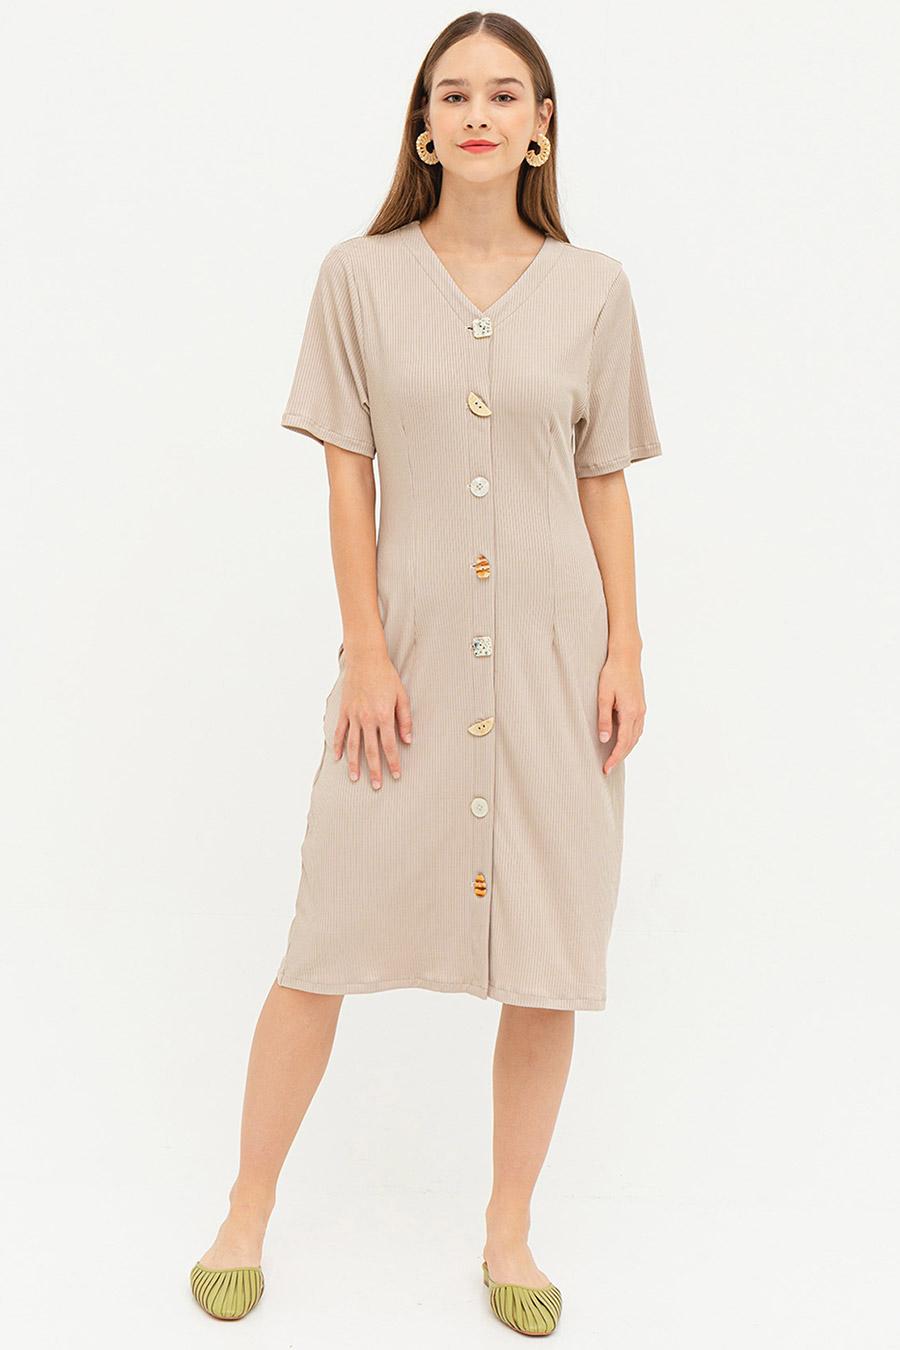 DOROTHOEA DRESS - VANILLA CUSTARD [BY MODPARADE]